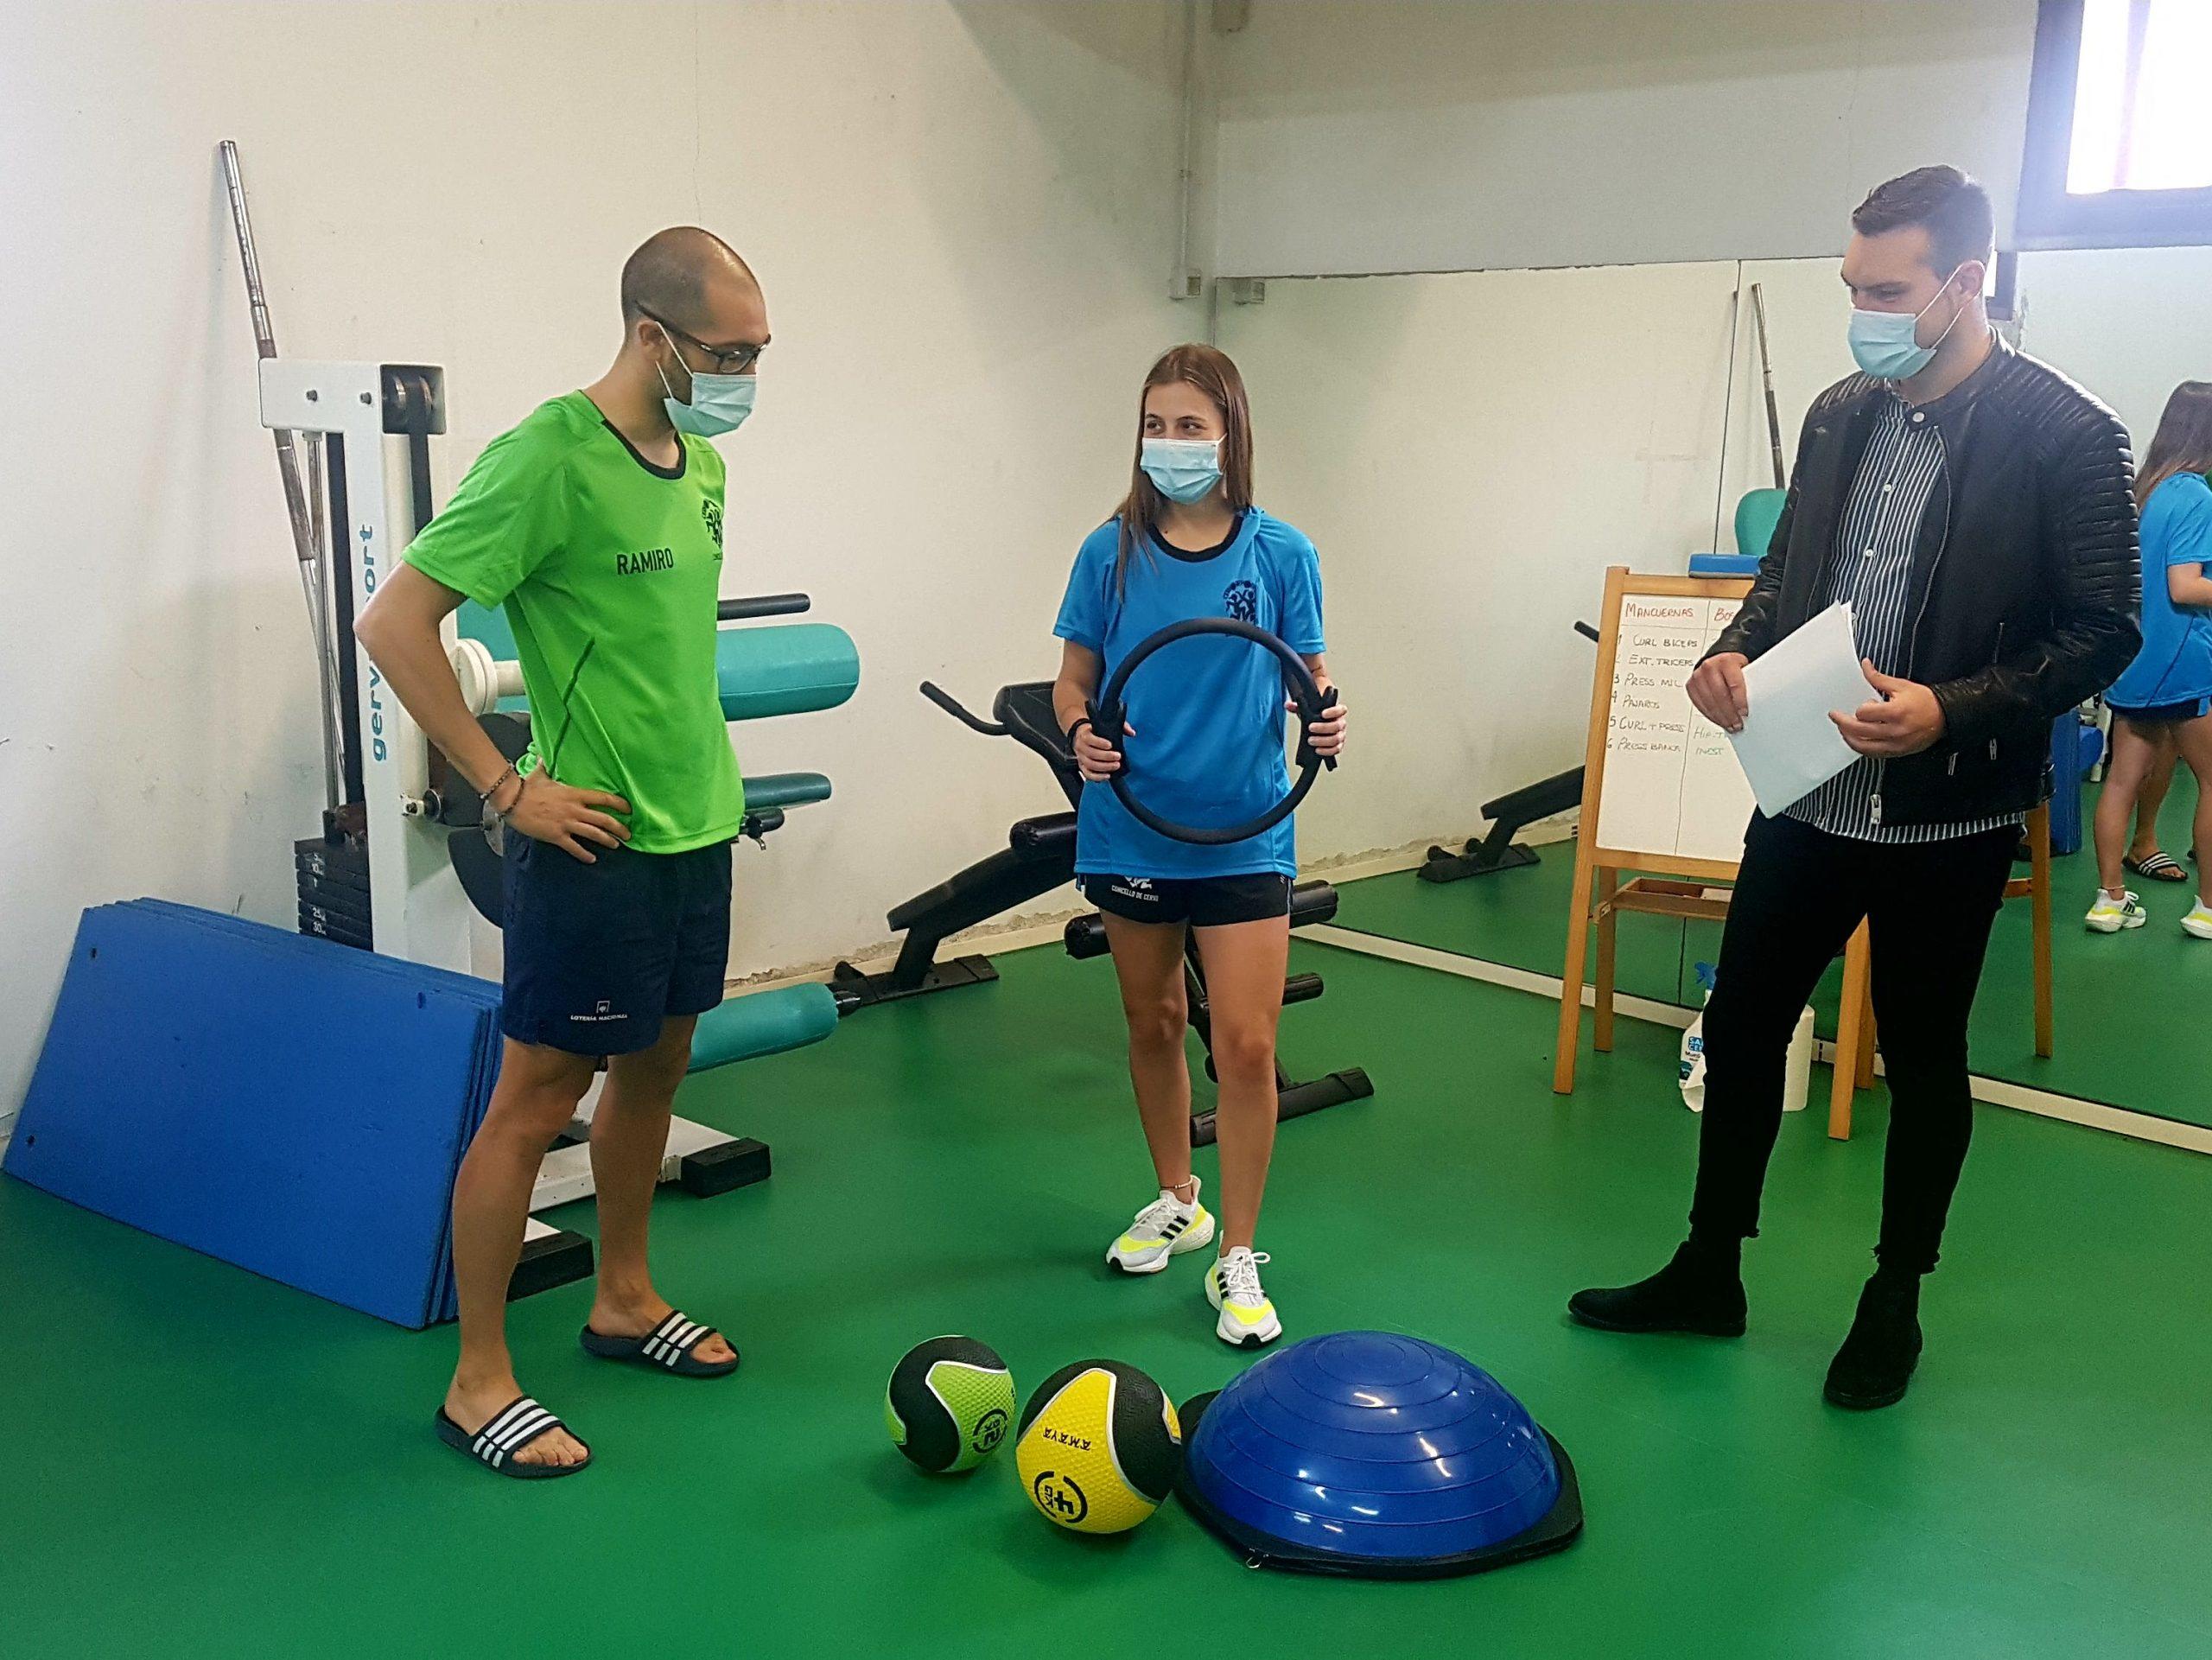 Servizo de asesoramento persoal con clases dirixidas por unha adestradora profesional no ximnasio municipal de Cervo